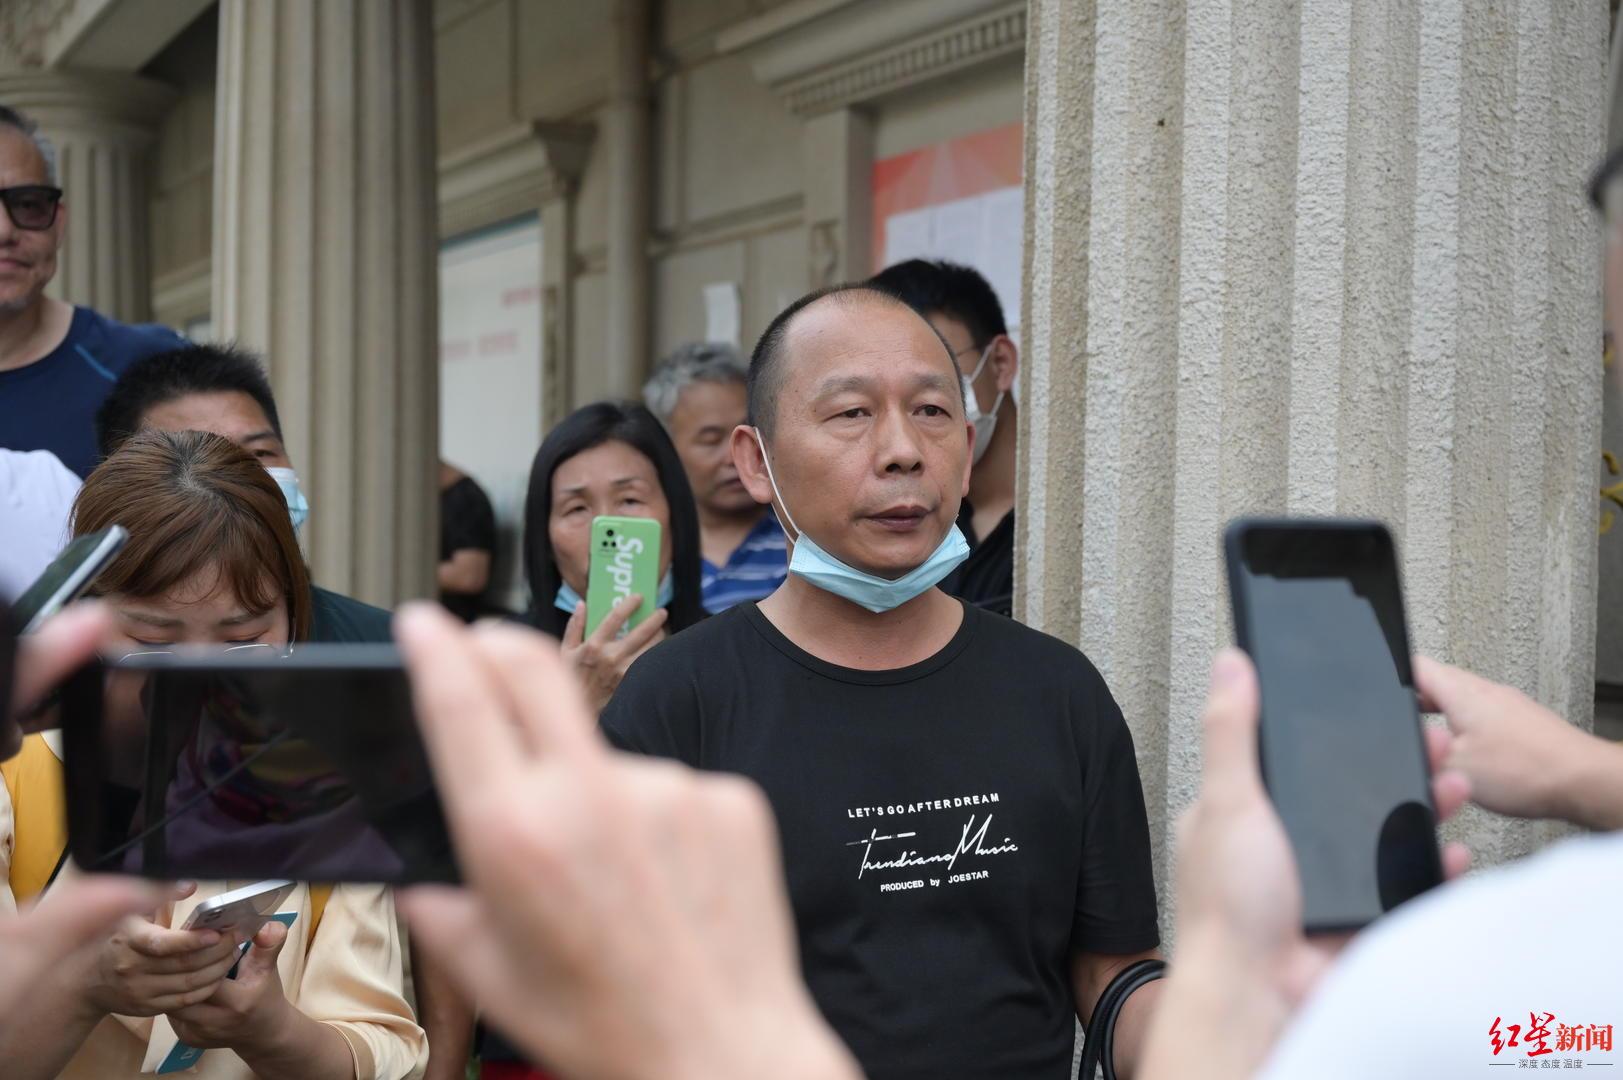 劳荣枝一审被判死刑 劳二哥:不理解她为何跟着法子英